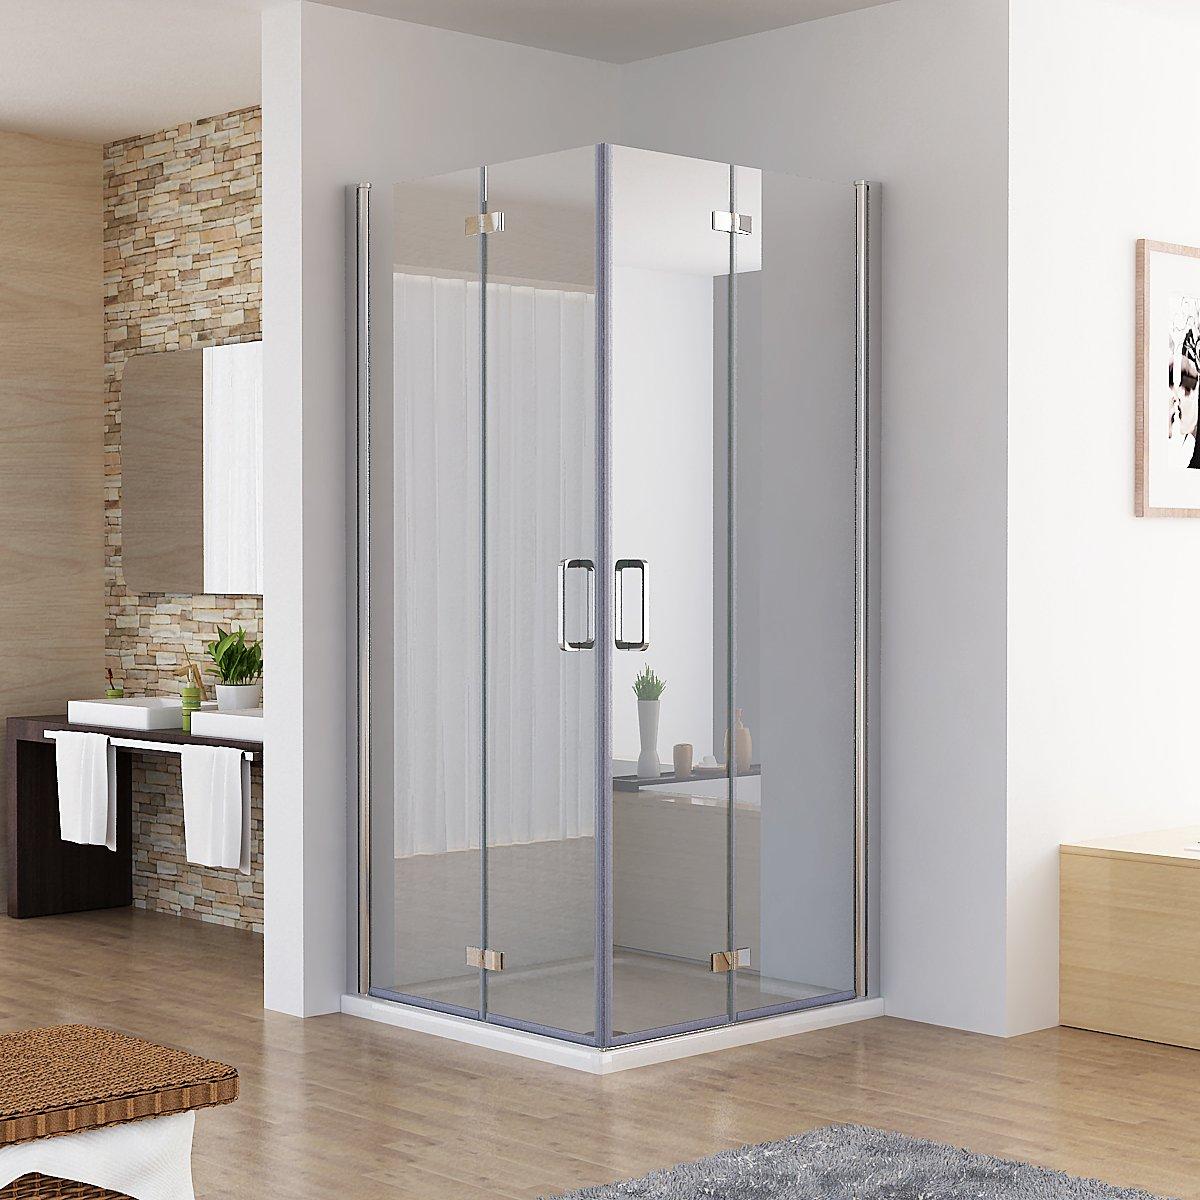 100 x 90 x 197 cm ducha entrada por la esquina ducha puerta 180° ducha mampara de ducha con plato de ducha: Amazon.es: Bricolaje y herramientas